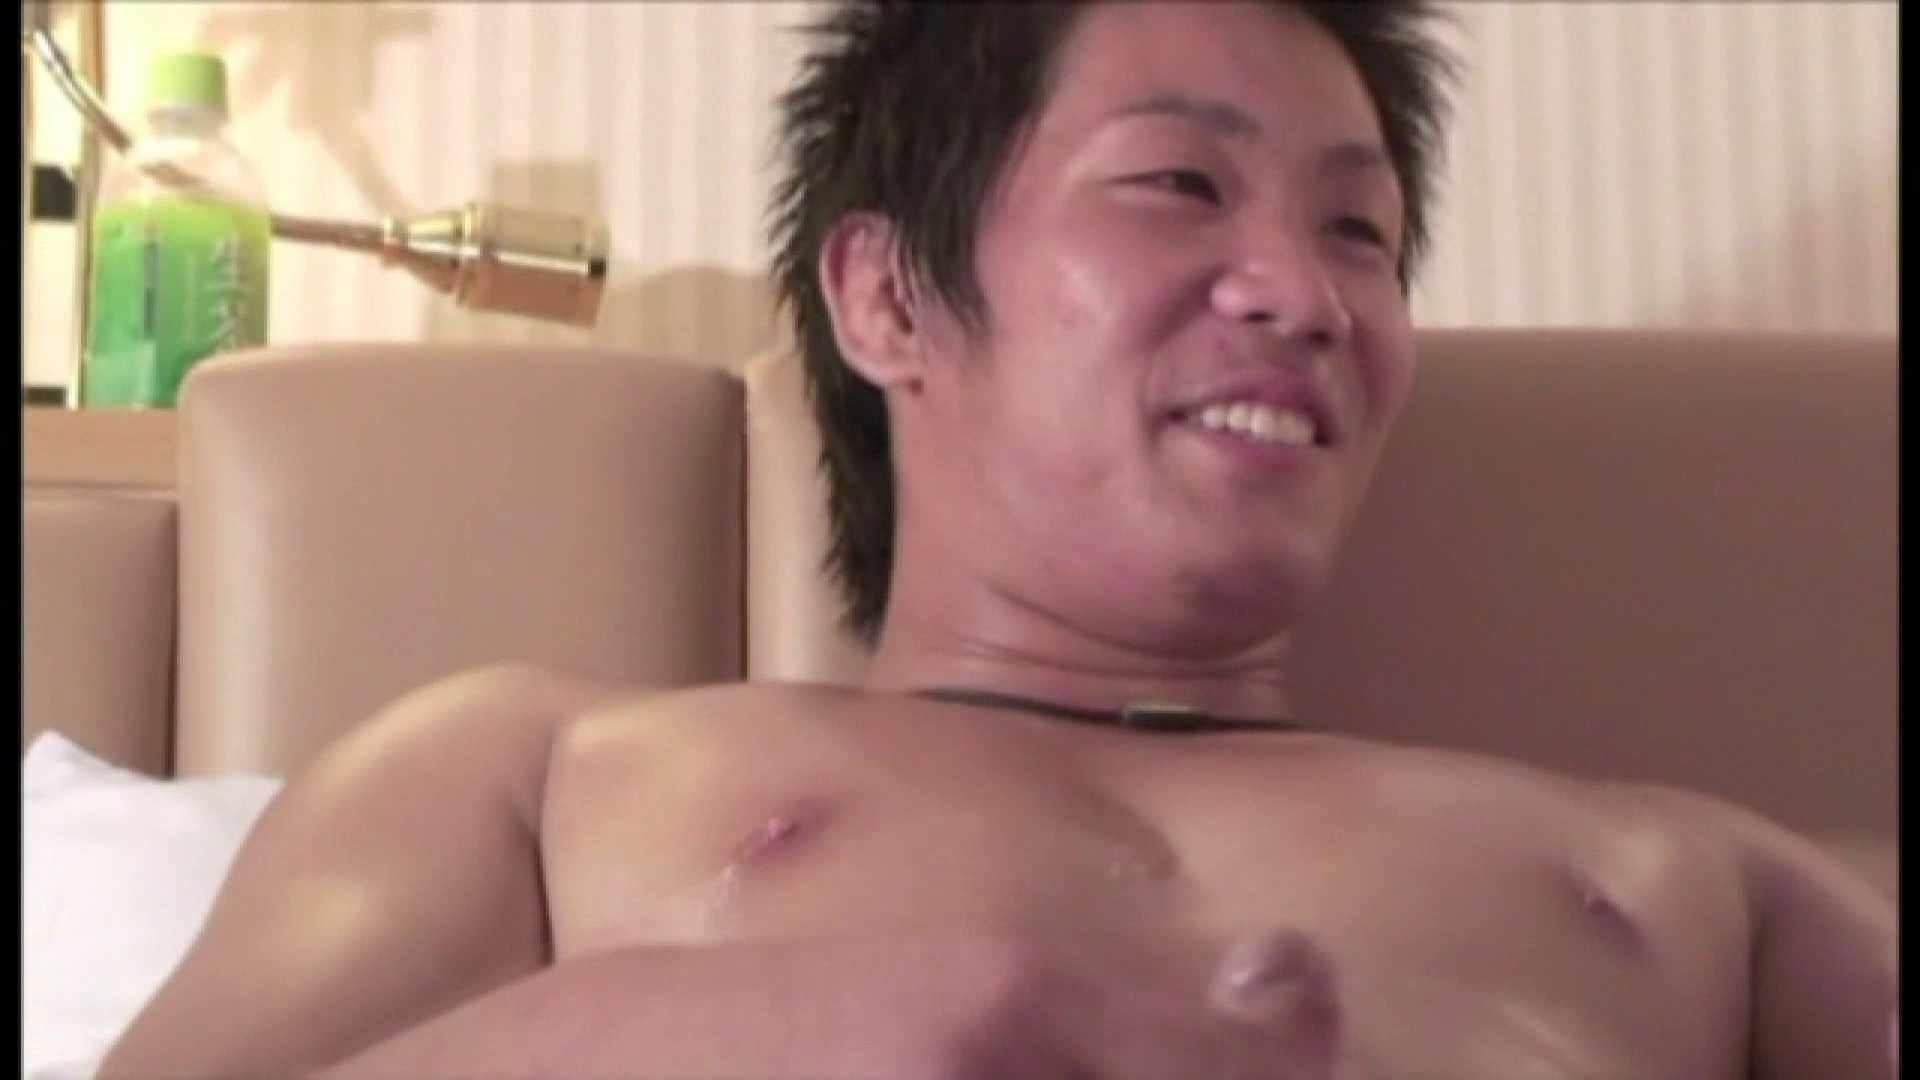 ノンケイケメンの欲望と肉棒 Vol.25 エロ  90pic 27